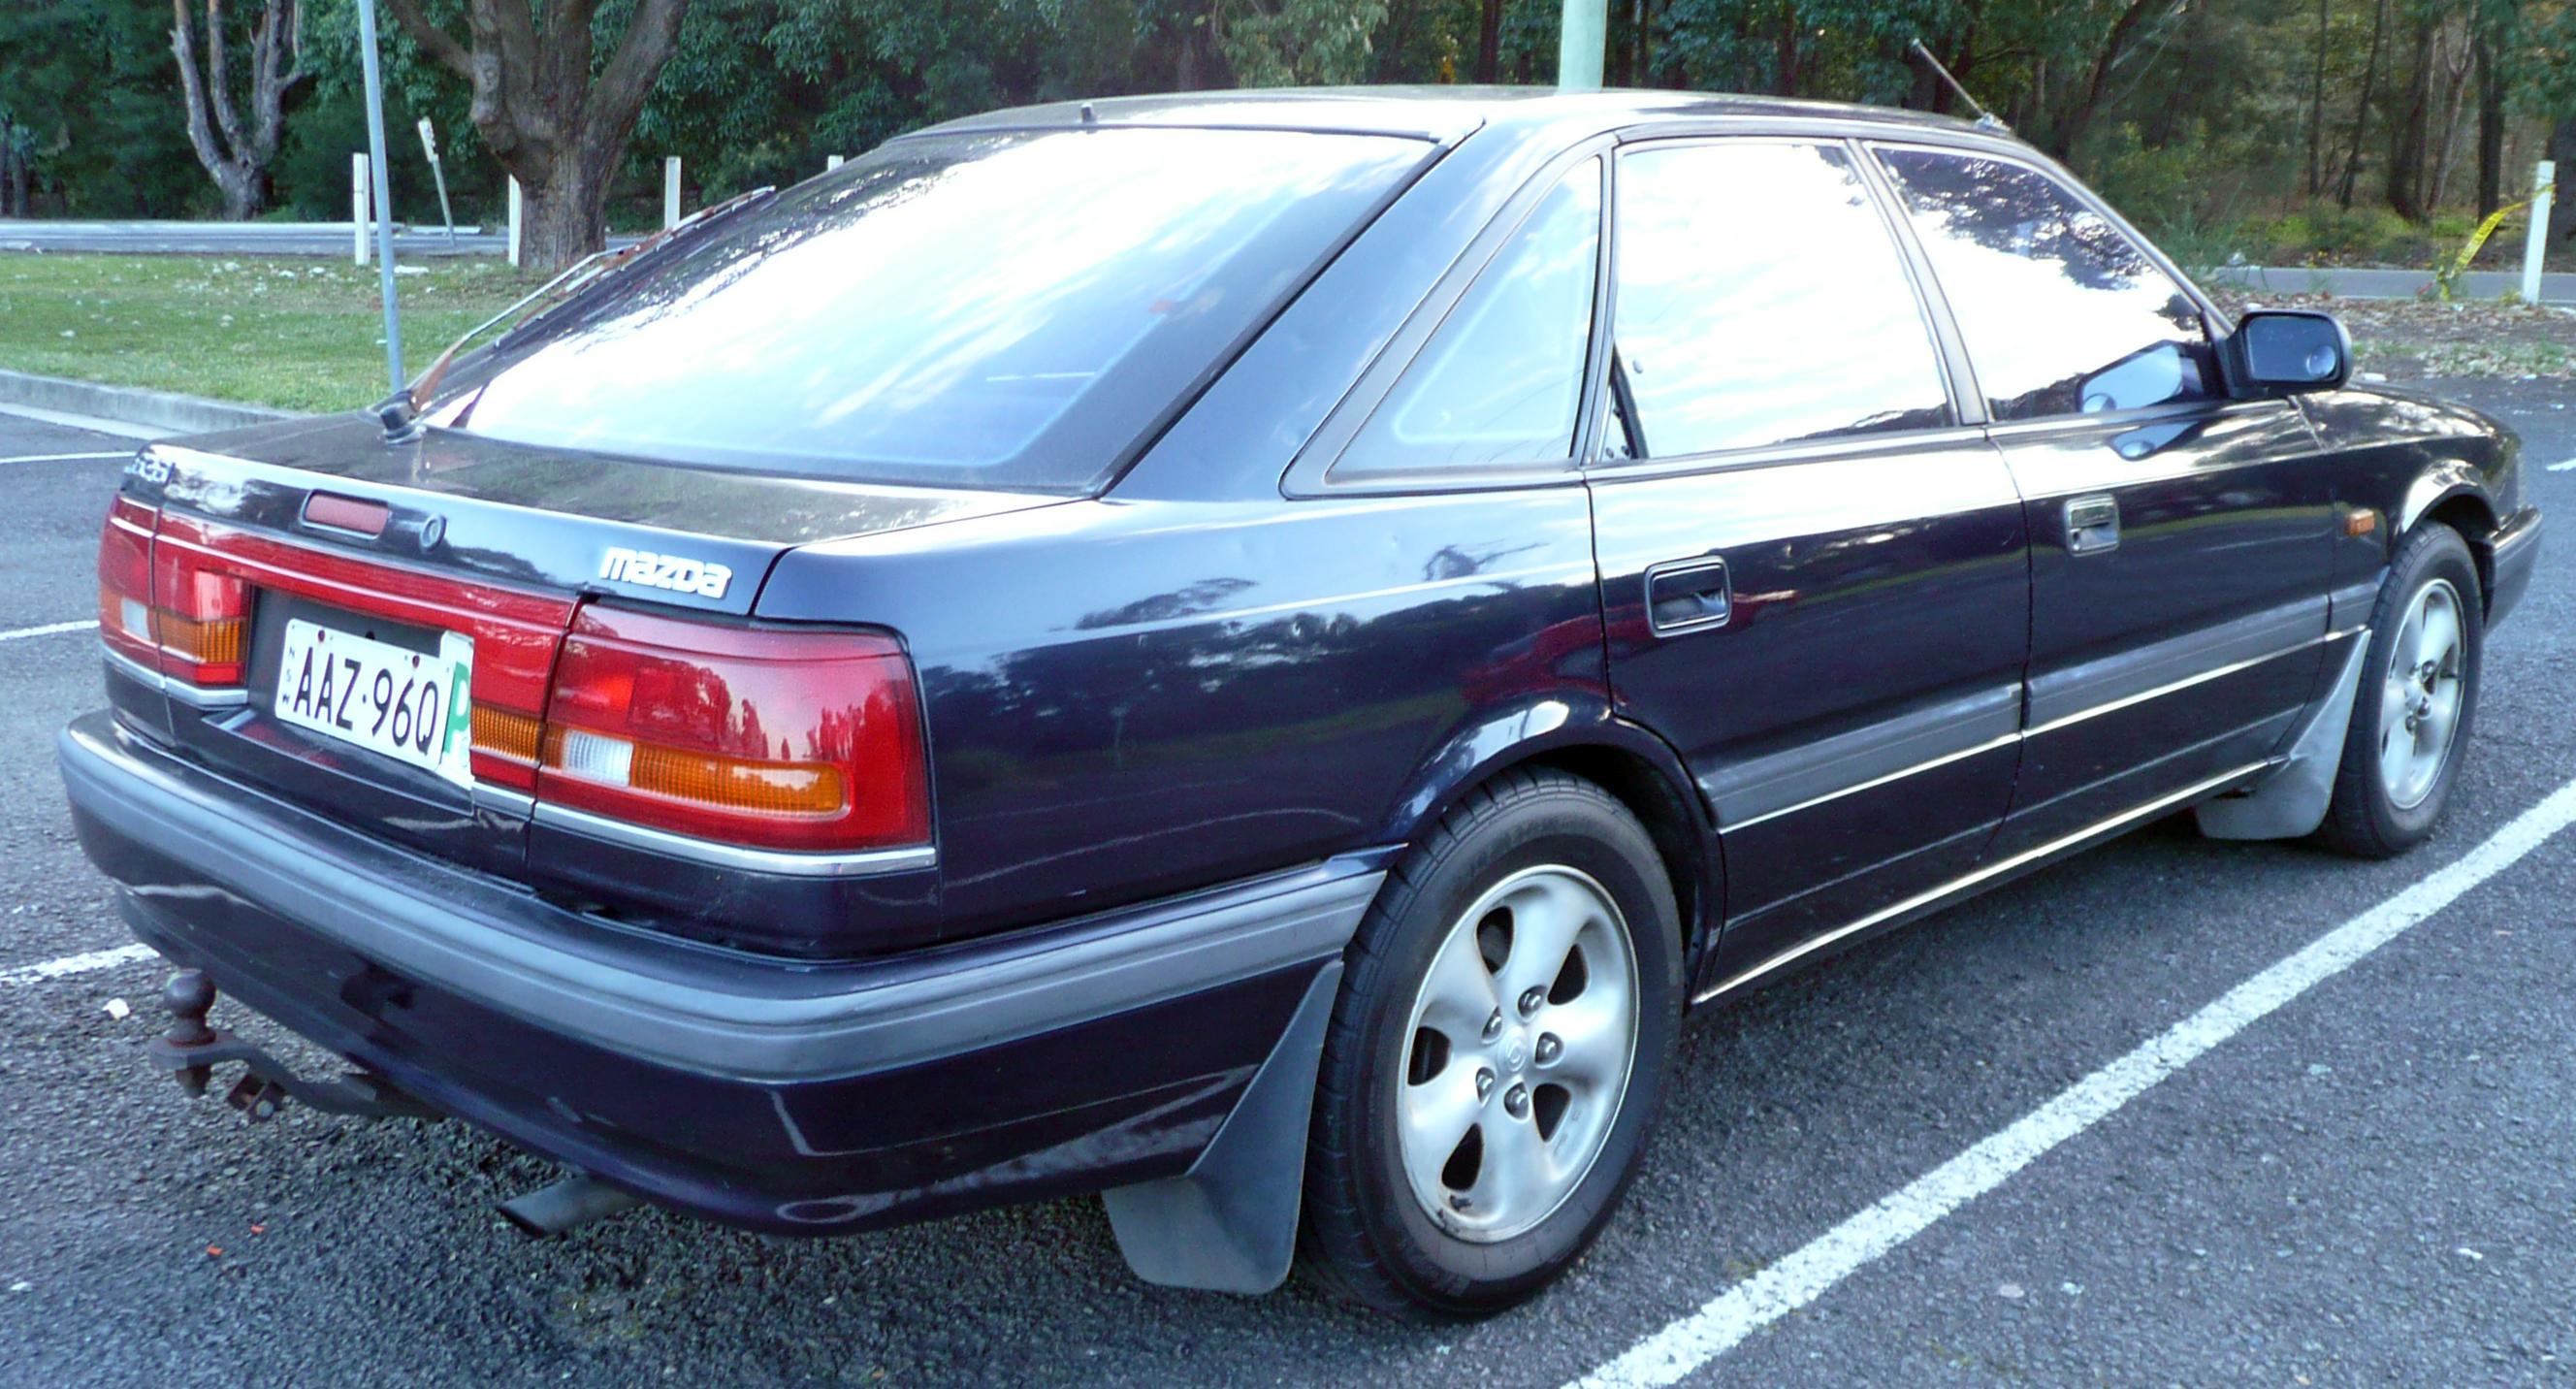 file:1990-1991 mazda 626 (gd series 2) 2.2i hatchback (2009-08-22